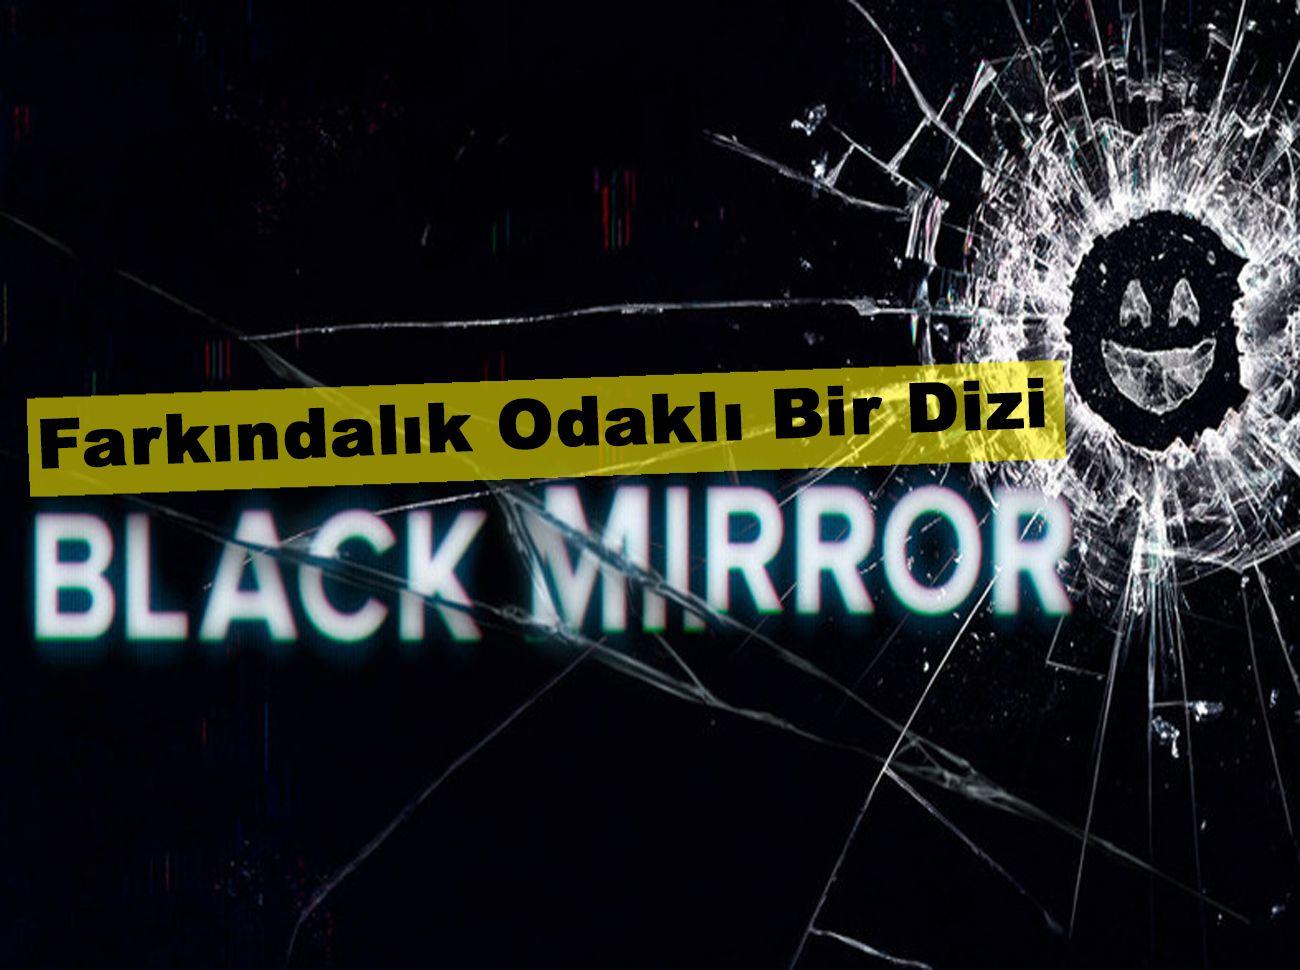 Farkındalık Odaklı Bir Dizi: Black Mirror